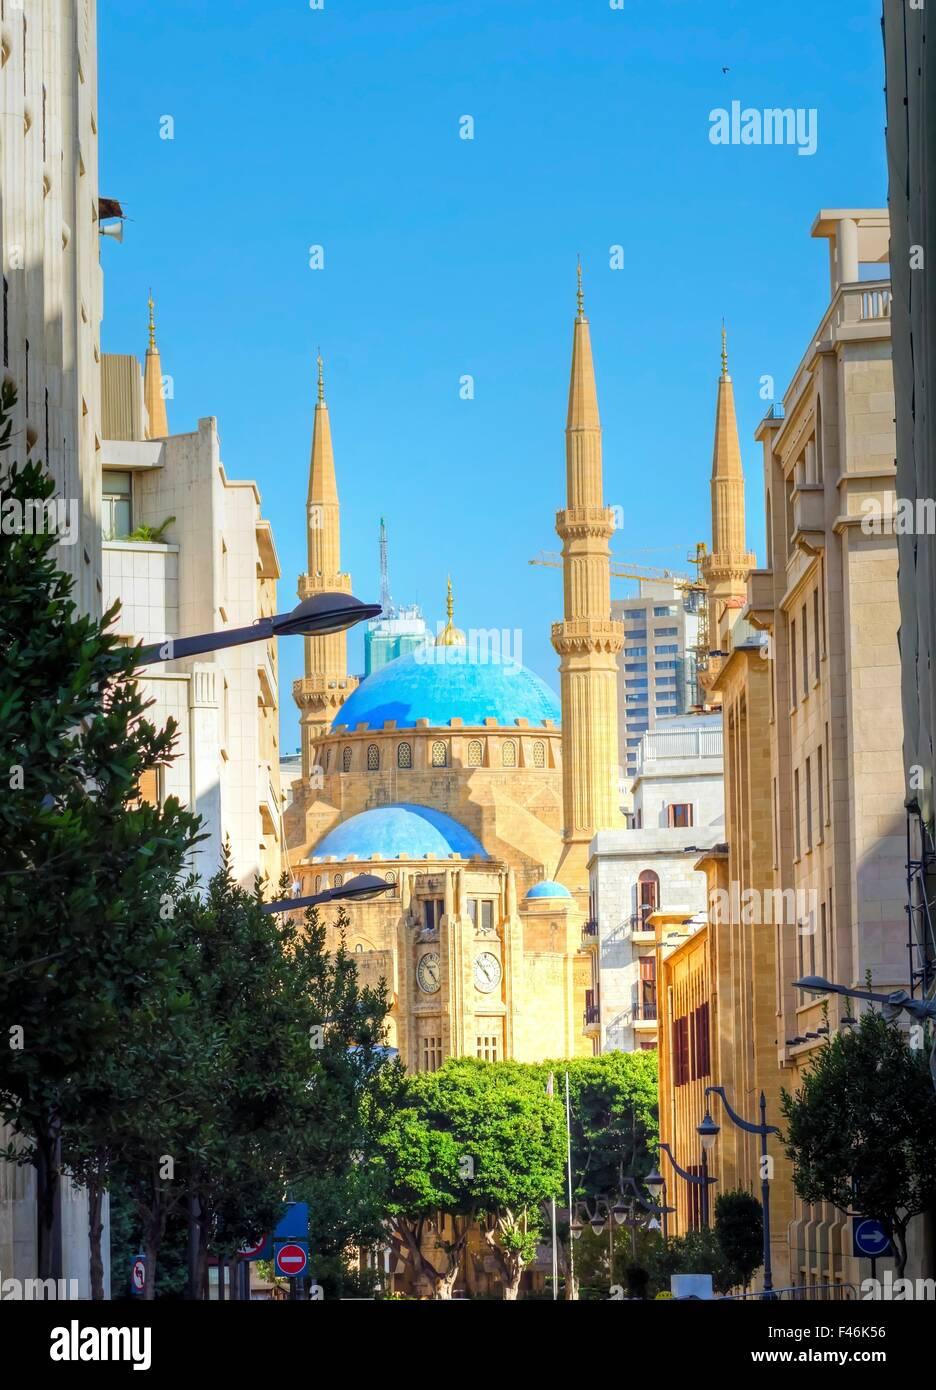 Une vue de la mosquée Mohammad Al-Amin et la tour de l'horloge situé au centre-ville de Beyrouth, Photo Stock